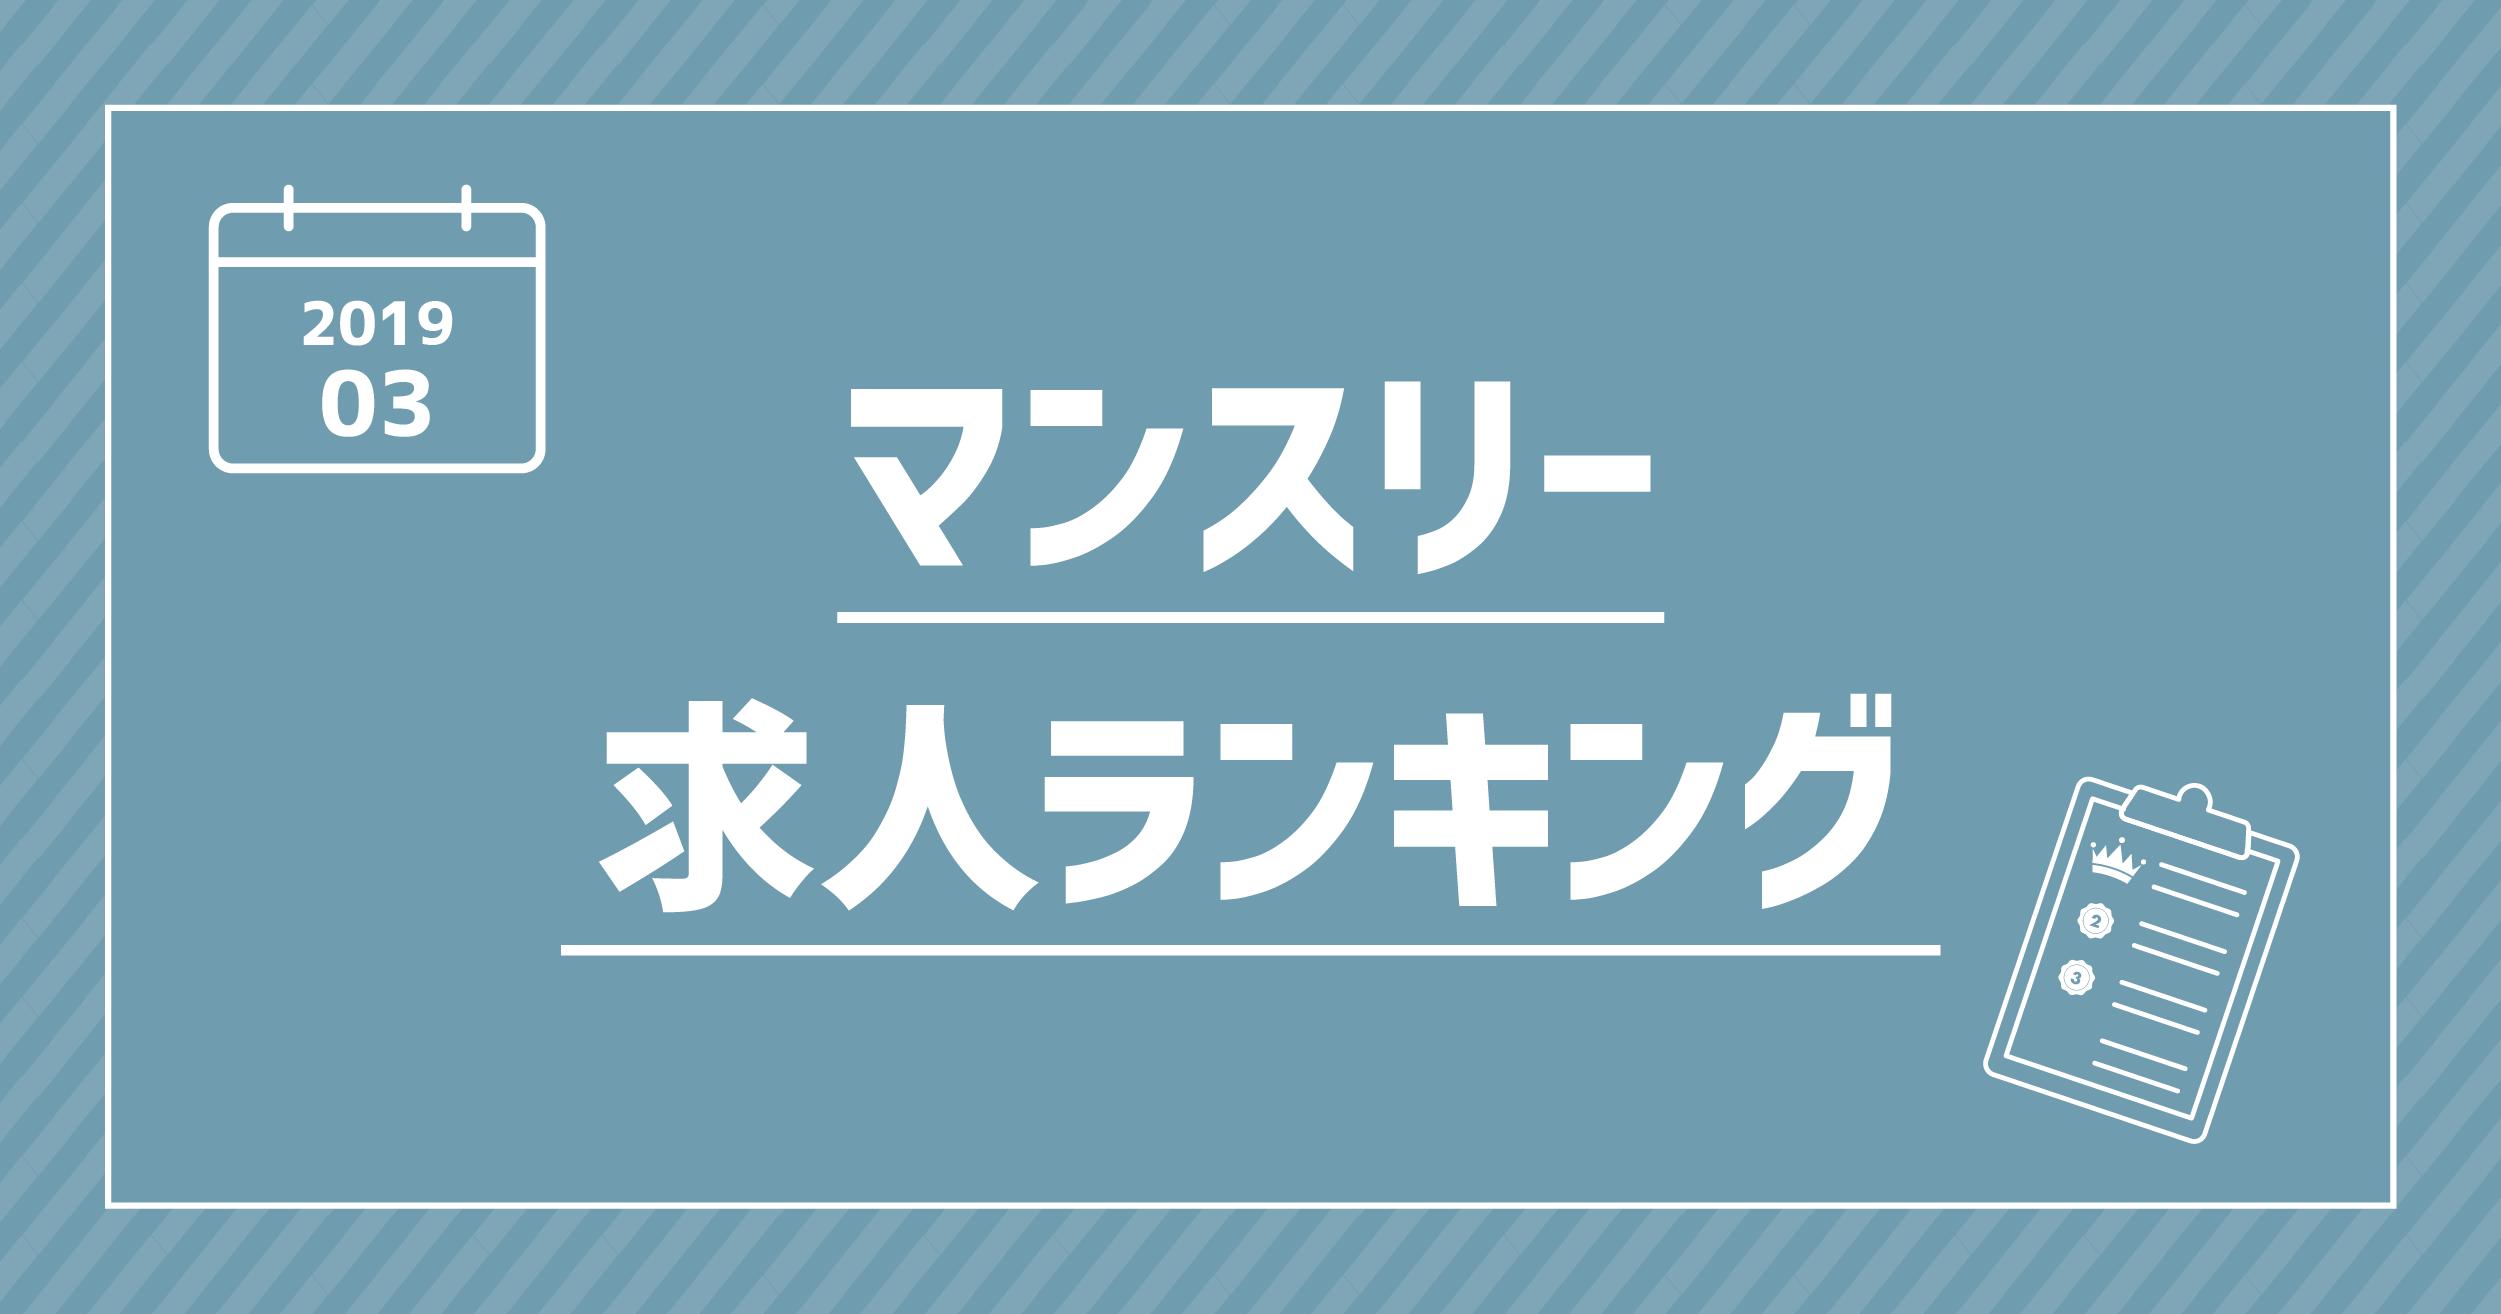 【2019年3月】マンスリー求人ランキング(求人掲載件数・平均給与額)